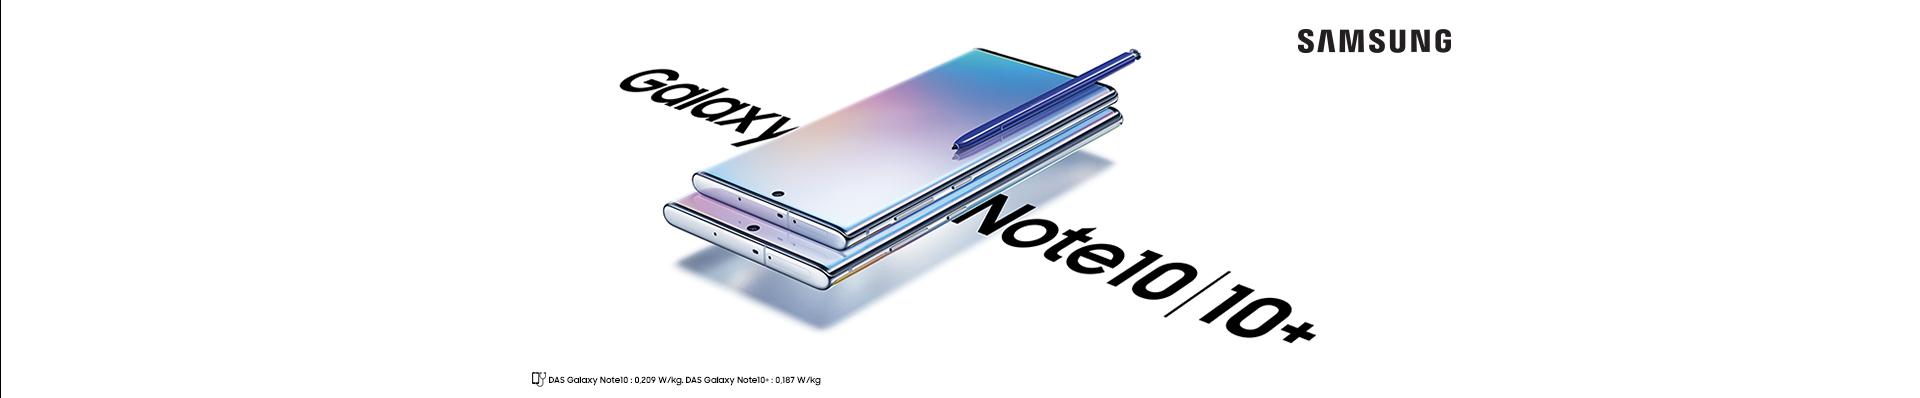 Samsung Galaxy Note10 commande